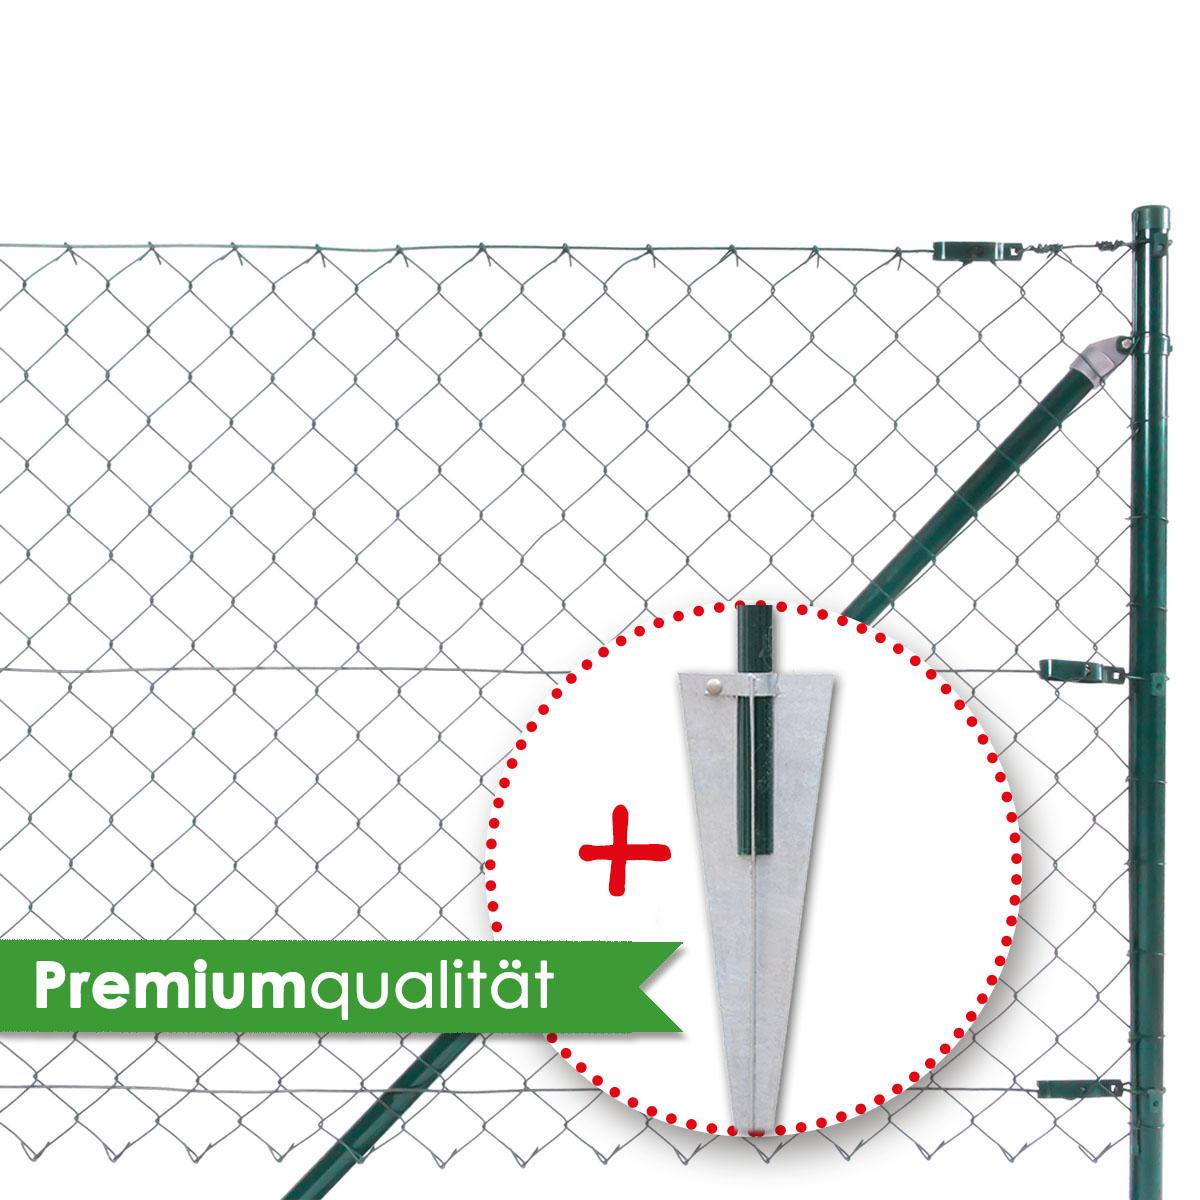 Maschendrahtzaunset 25m H= 125 cm Zaun inkl.Einschlaghülsen Gartenzaun Drahtzaun